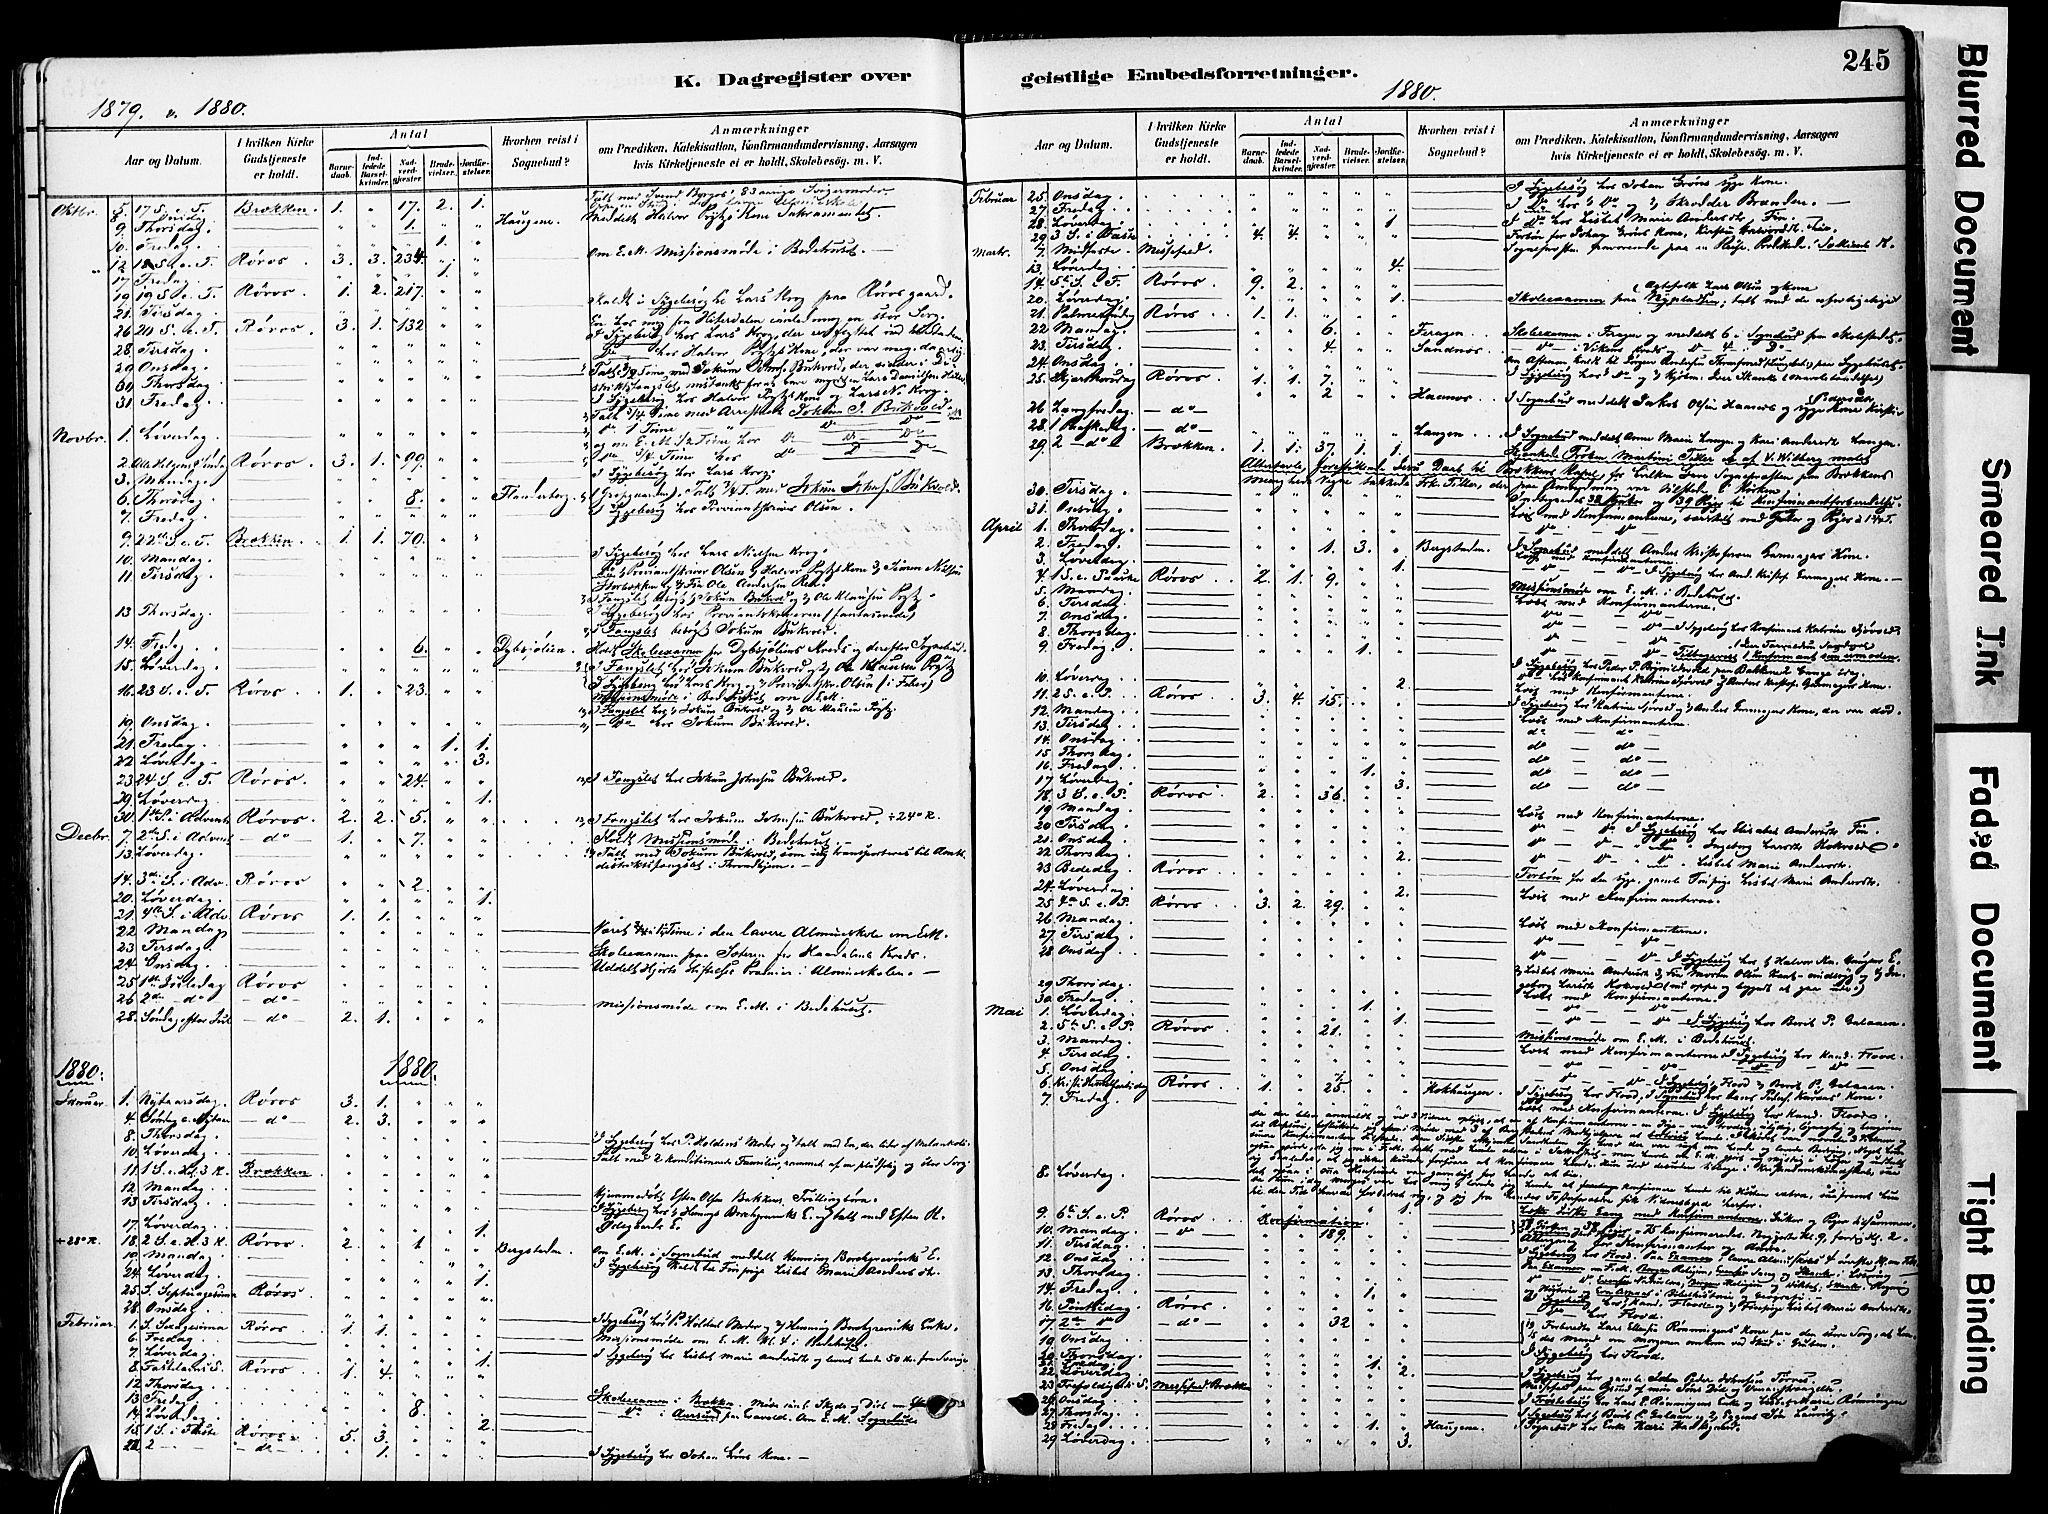 SAT, Ministerialprotokoller, klokkerbøker og fødselsregistre - Sør-Trøndelag, 681/L0933: Ministerialbok nr. 681A11, 1879-1890, s. 245